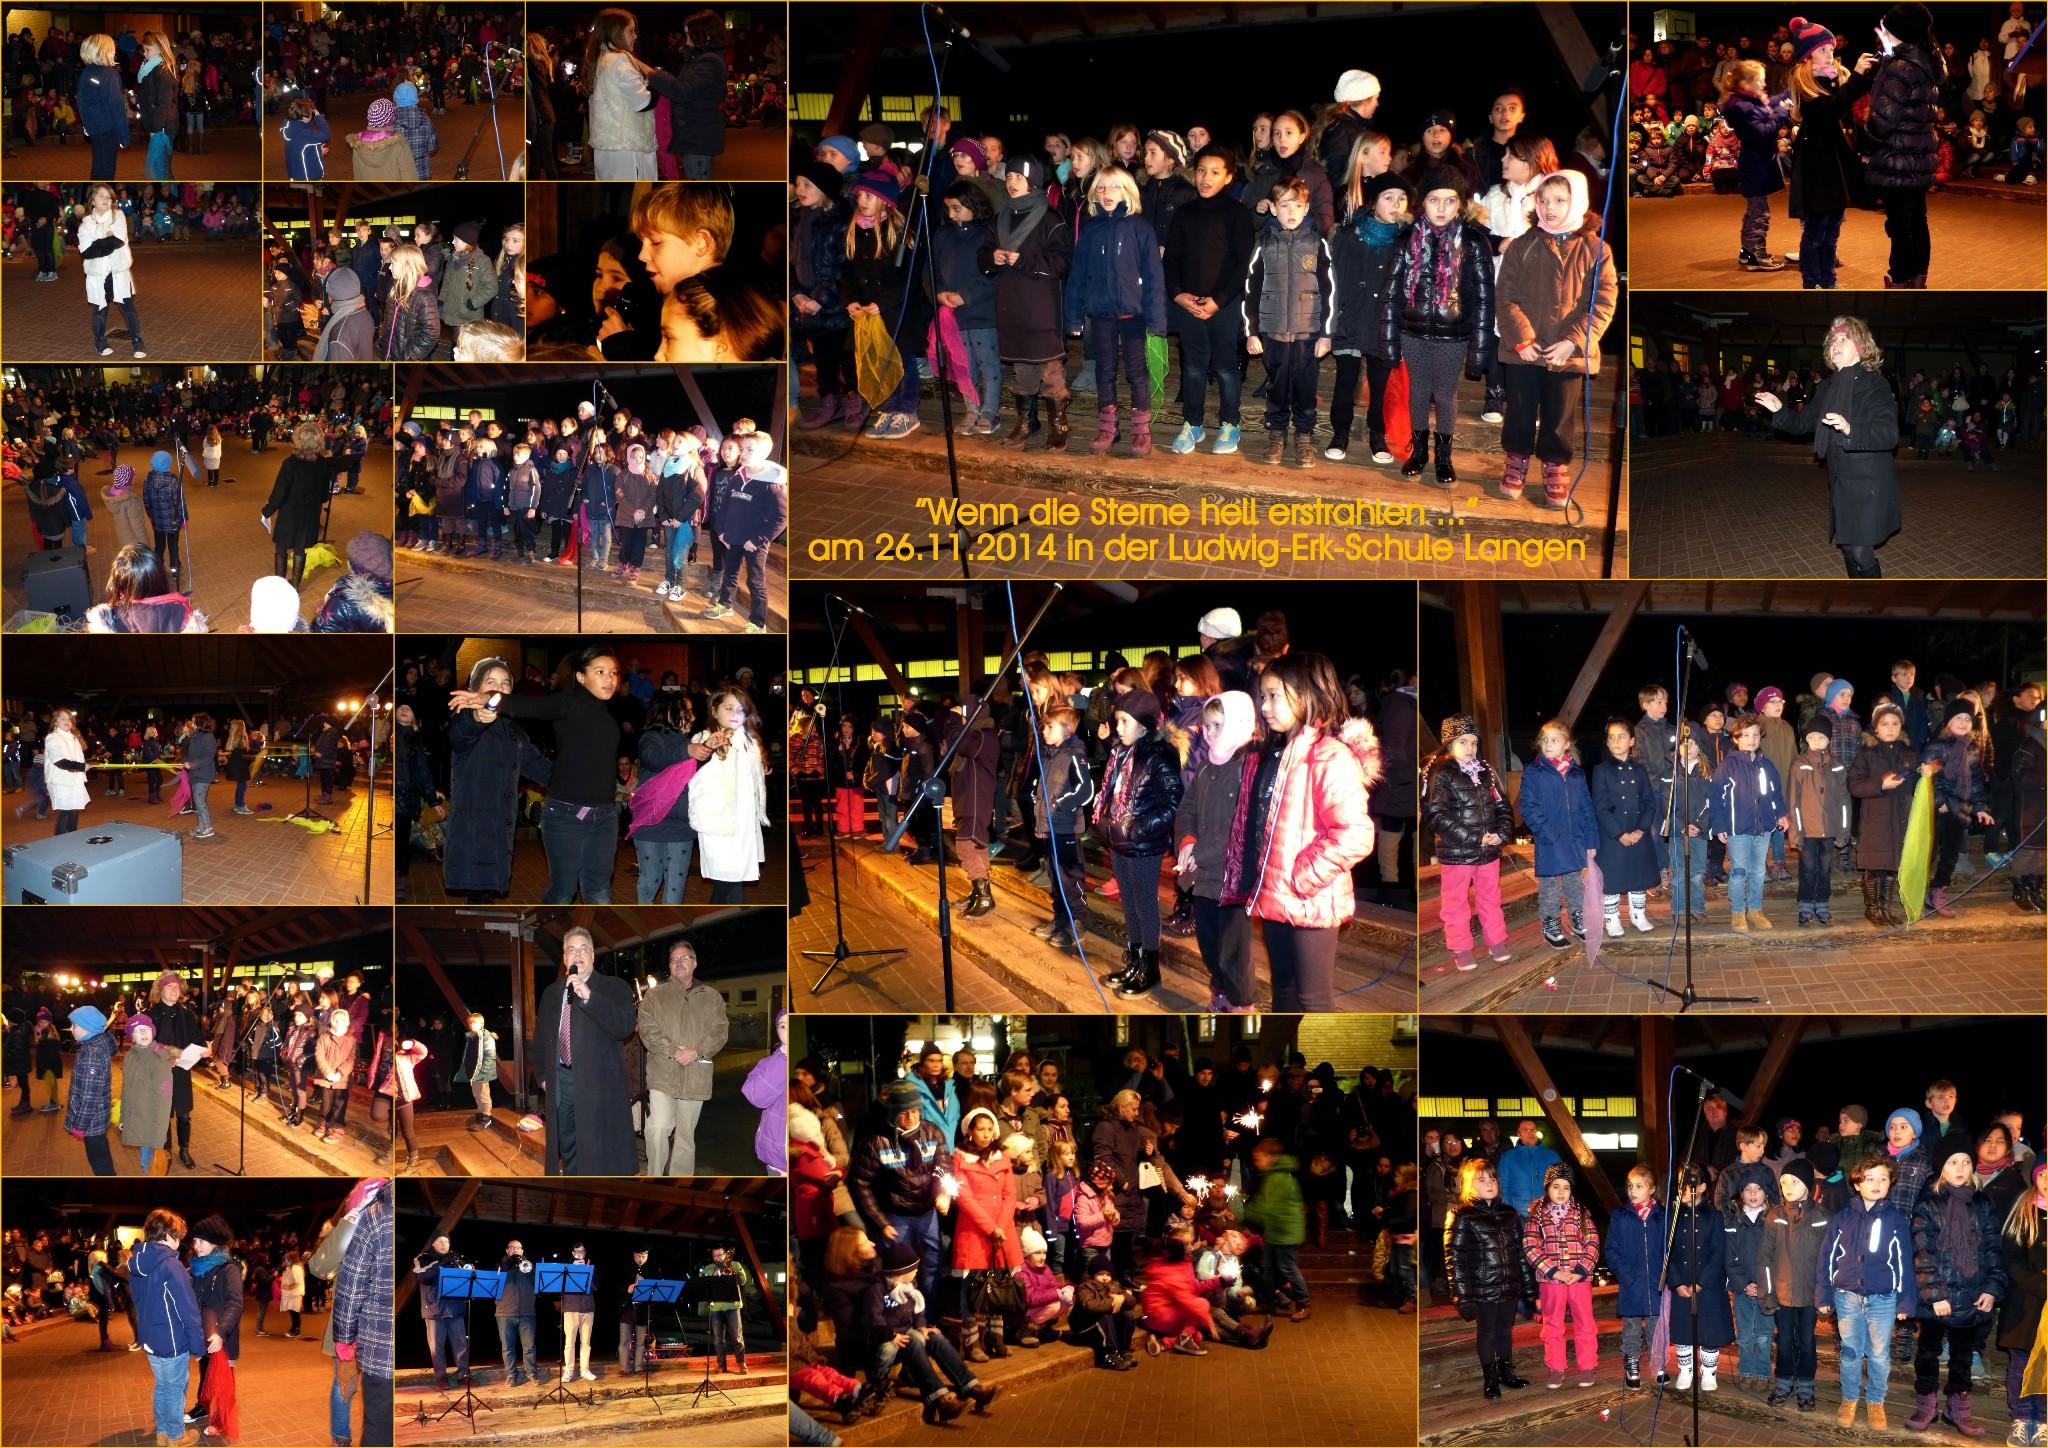 2014-11-26_Chor_kl.jpg